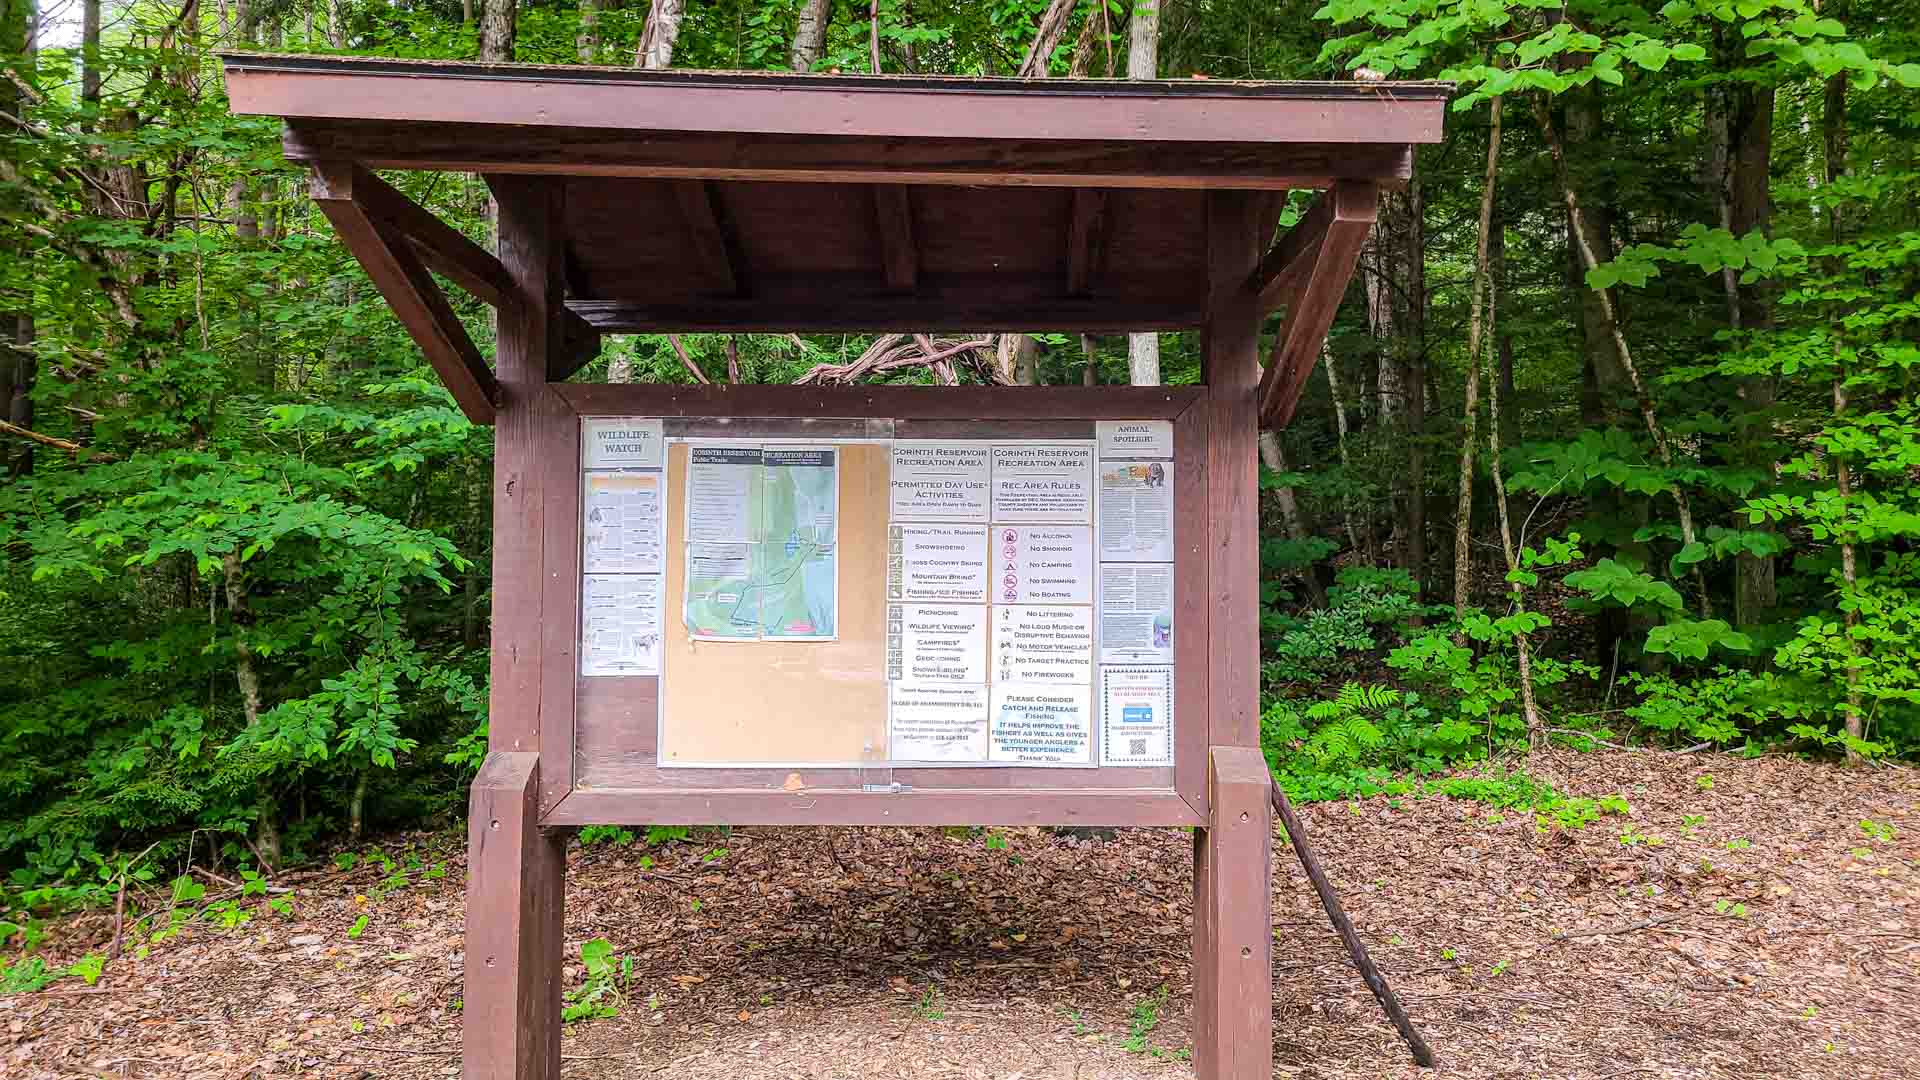 Punto de información en Corinth Reservoir Recreation Area, Adirondack, Nueva York